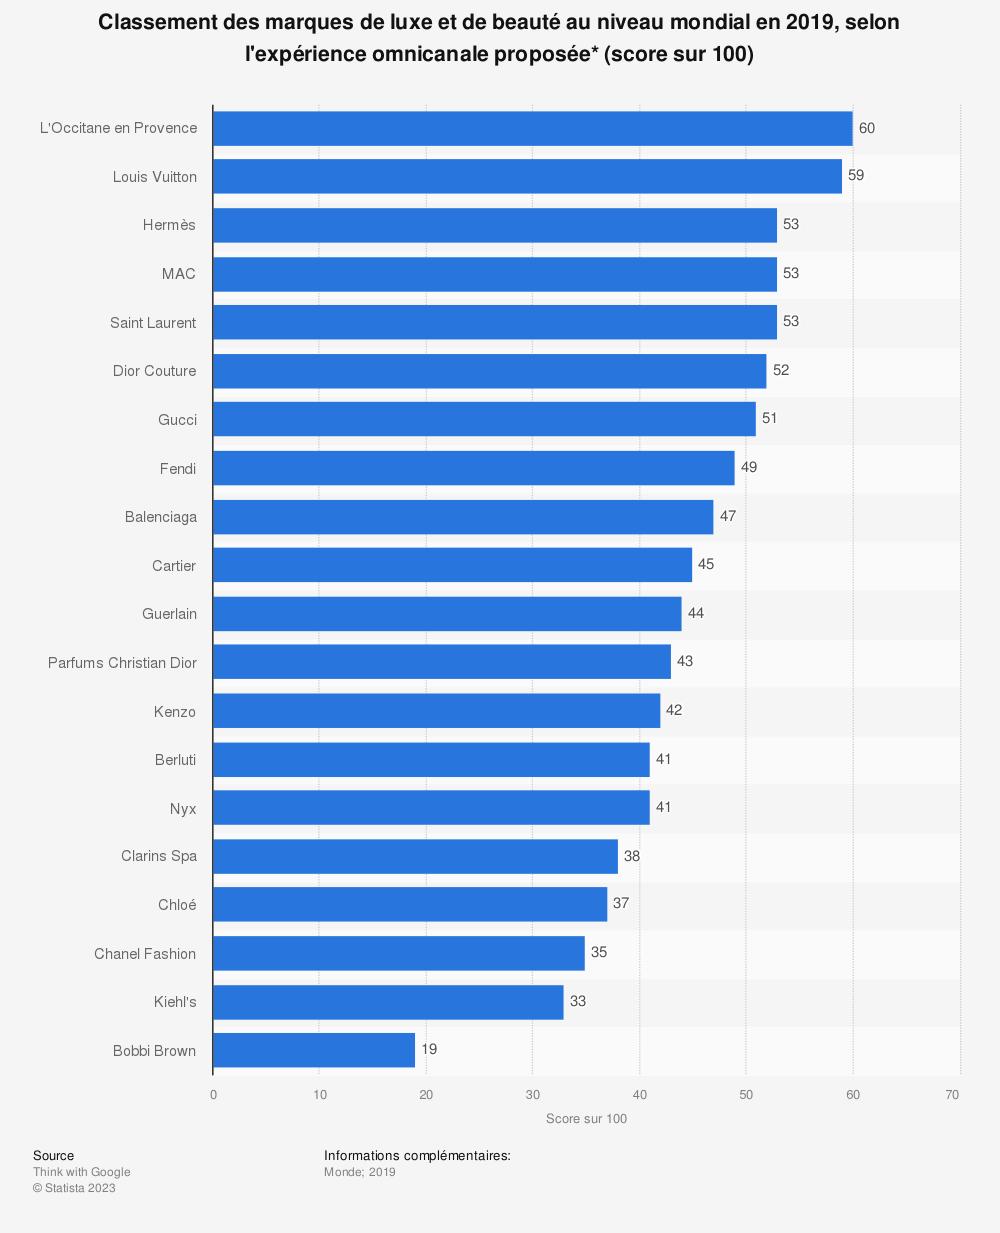 Statistique: Classement des marques de luxe et de beauté au niveau mondial en 2019, selon l'expérience omnicanale proposée* (score sur 100) | Statista